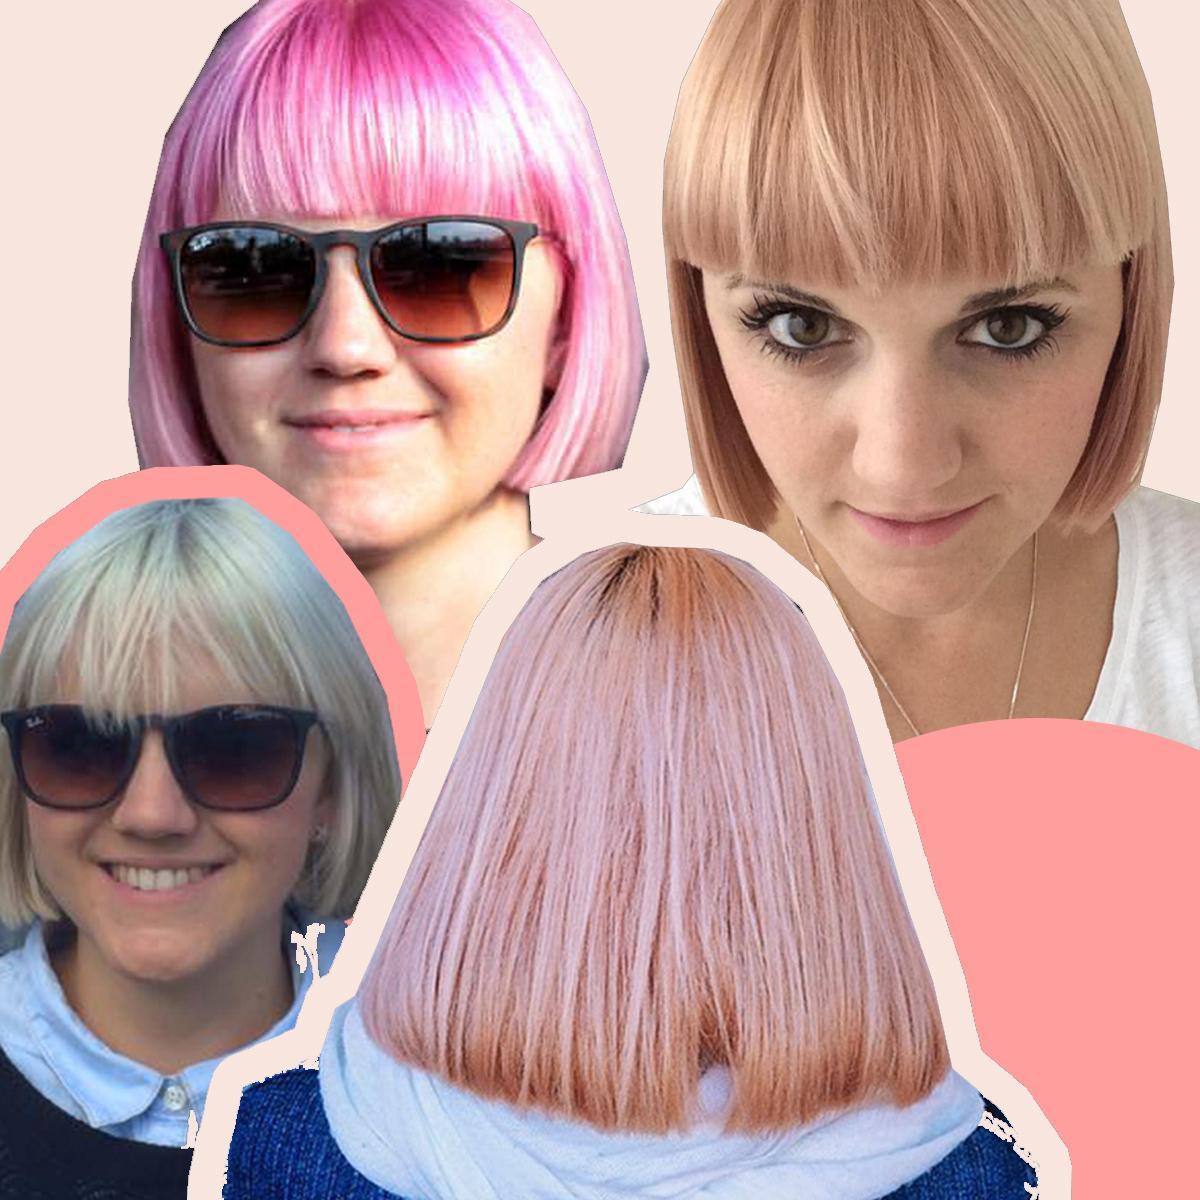 Femme avec une blonde platine et un bob rose bubblegum